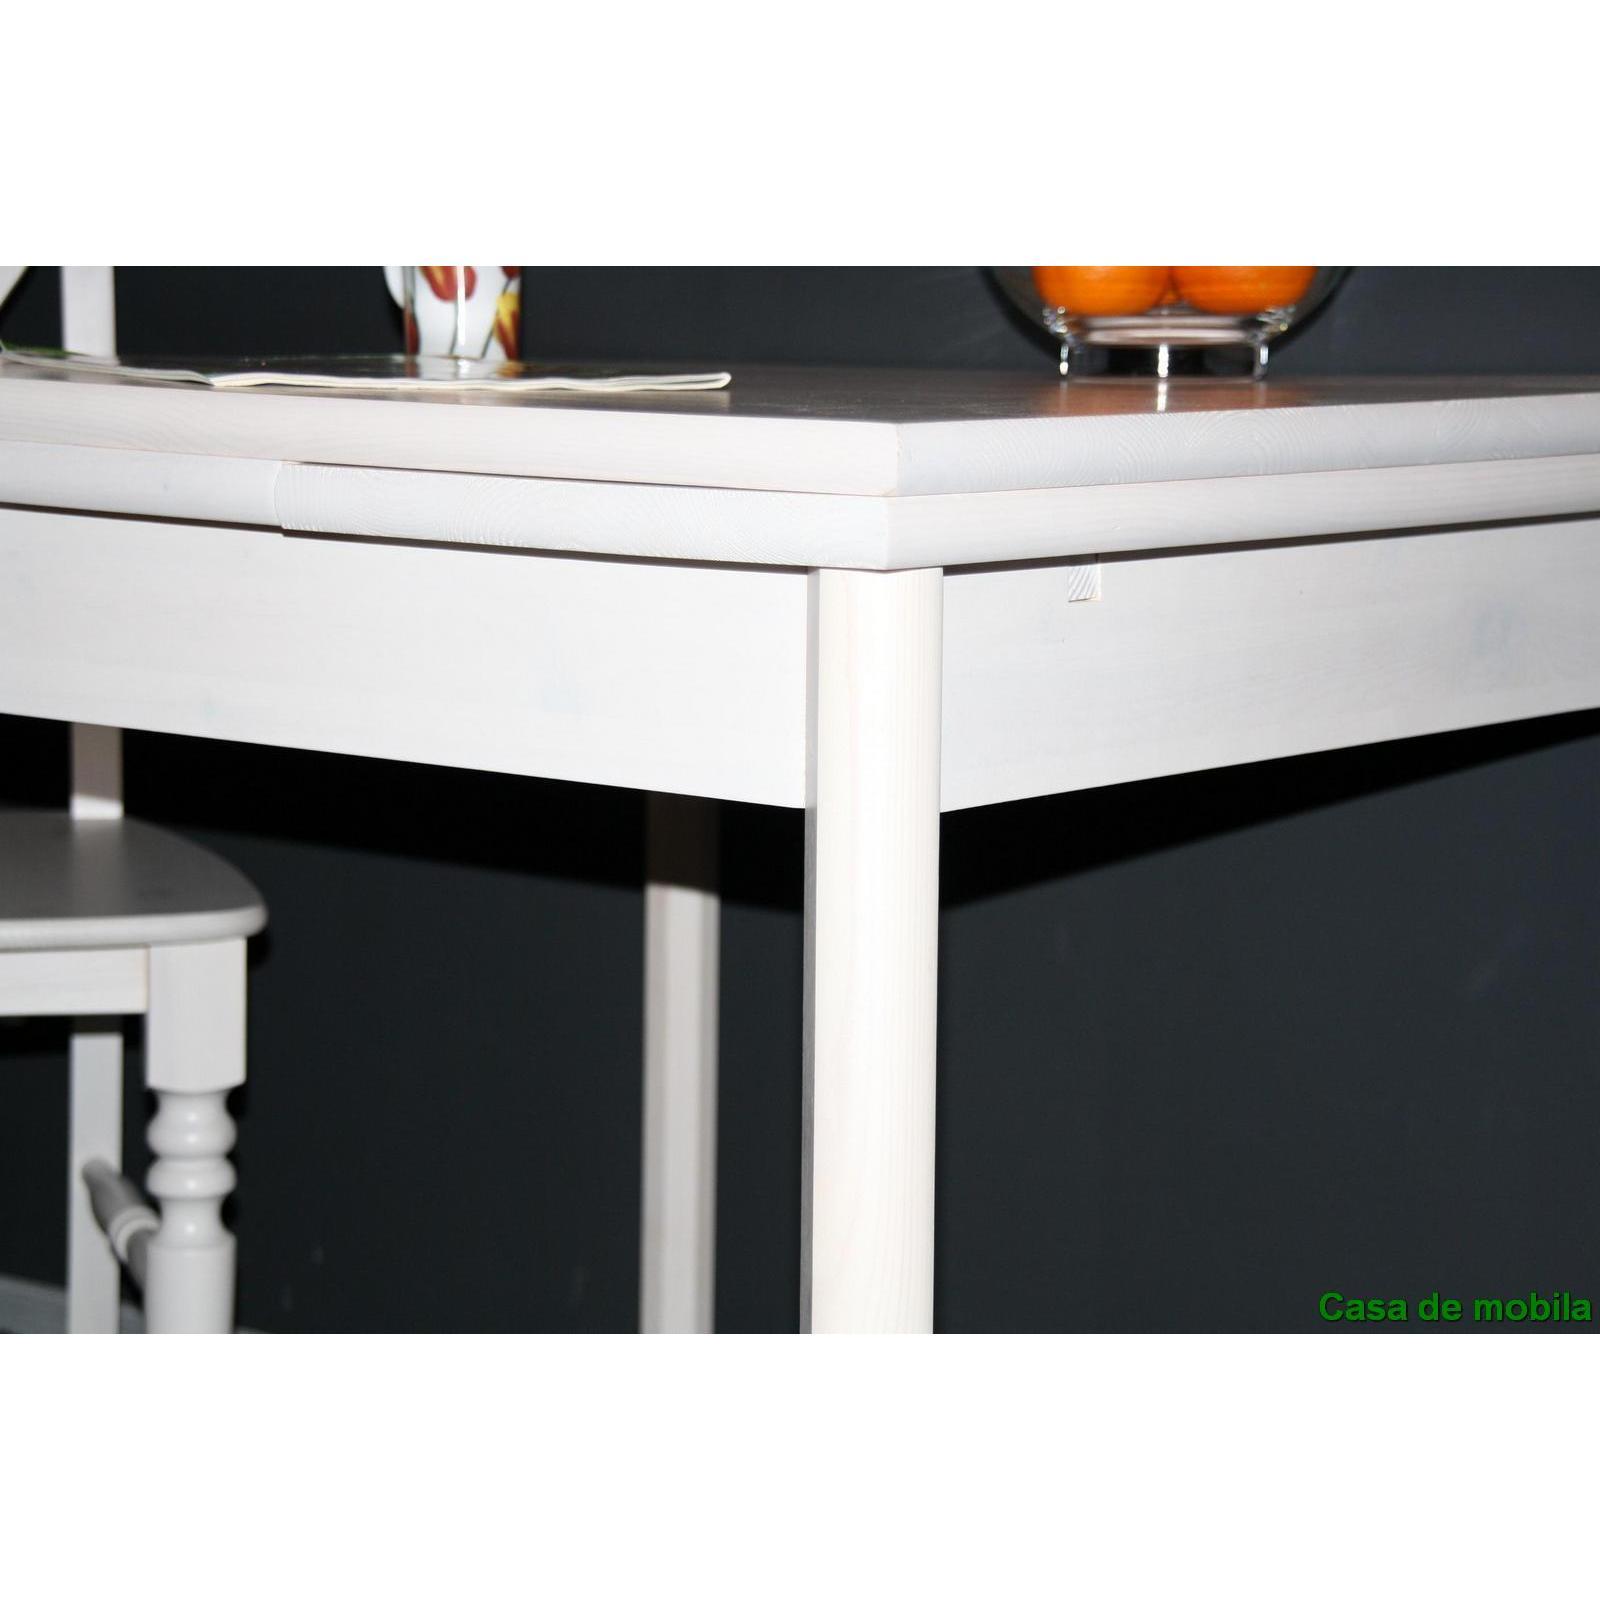 Küchentisch Massivholz Ausziehbar Weiß : Massivholz Esstisch ausziehbar Kiefer massiv weiß Küchentisch ...